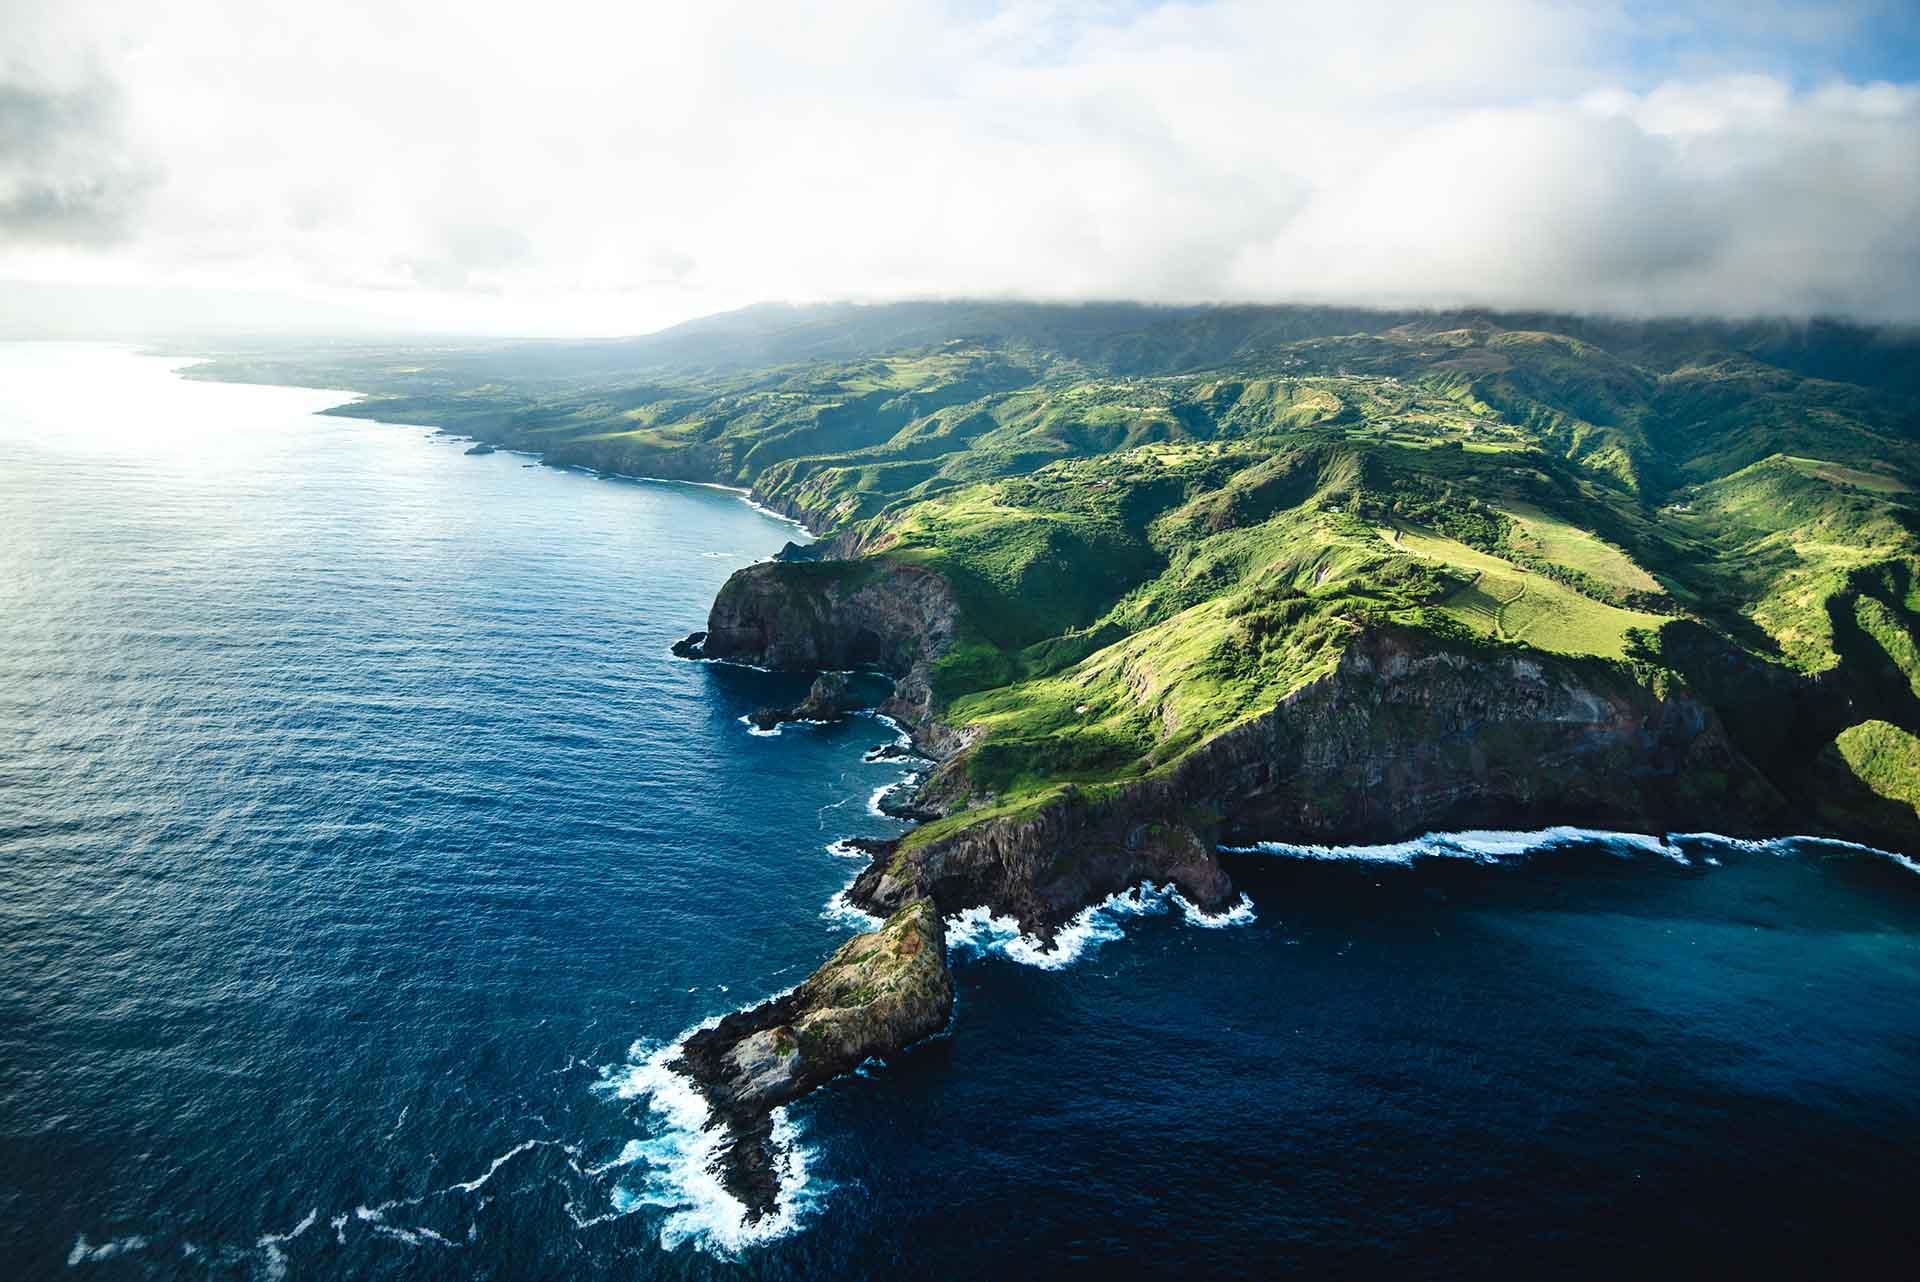 Conocida también como la Isla del Valle, Maui es la segunda más grande de Hawái. La isla es amada por sus playas famosas a nivel mundial, el valle sagrado Iao Valley, los avistamientos de ballenas, la cocina orgánica y los magníficos amaneceres y atardeceres desde Haleakala